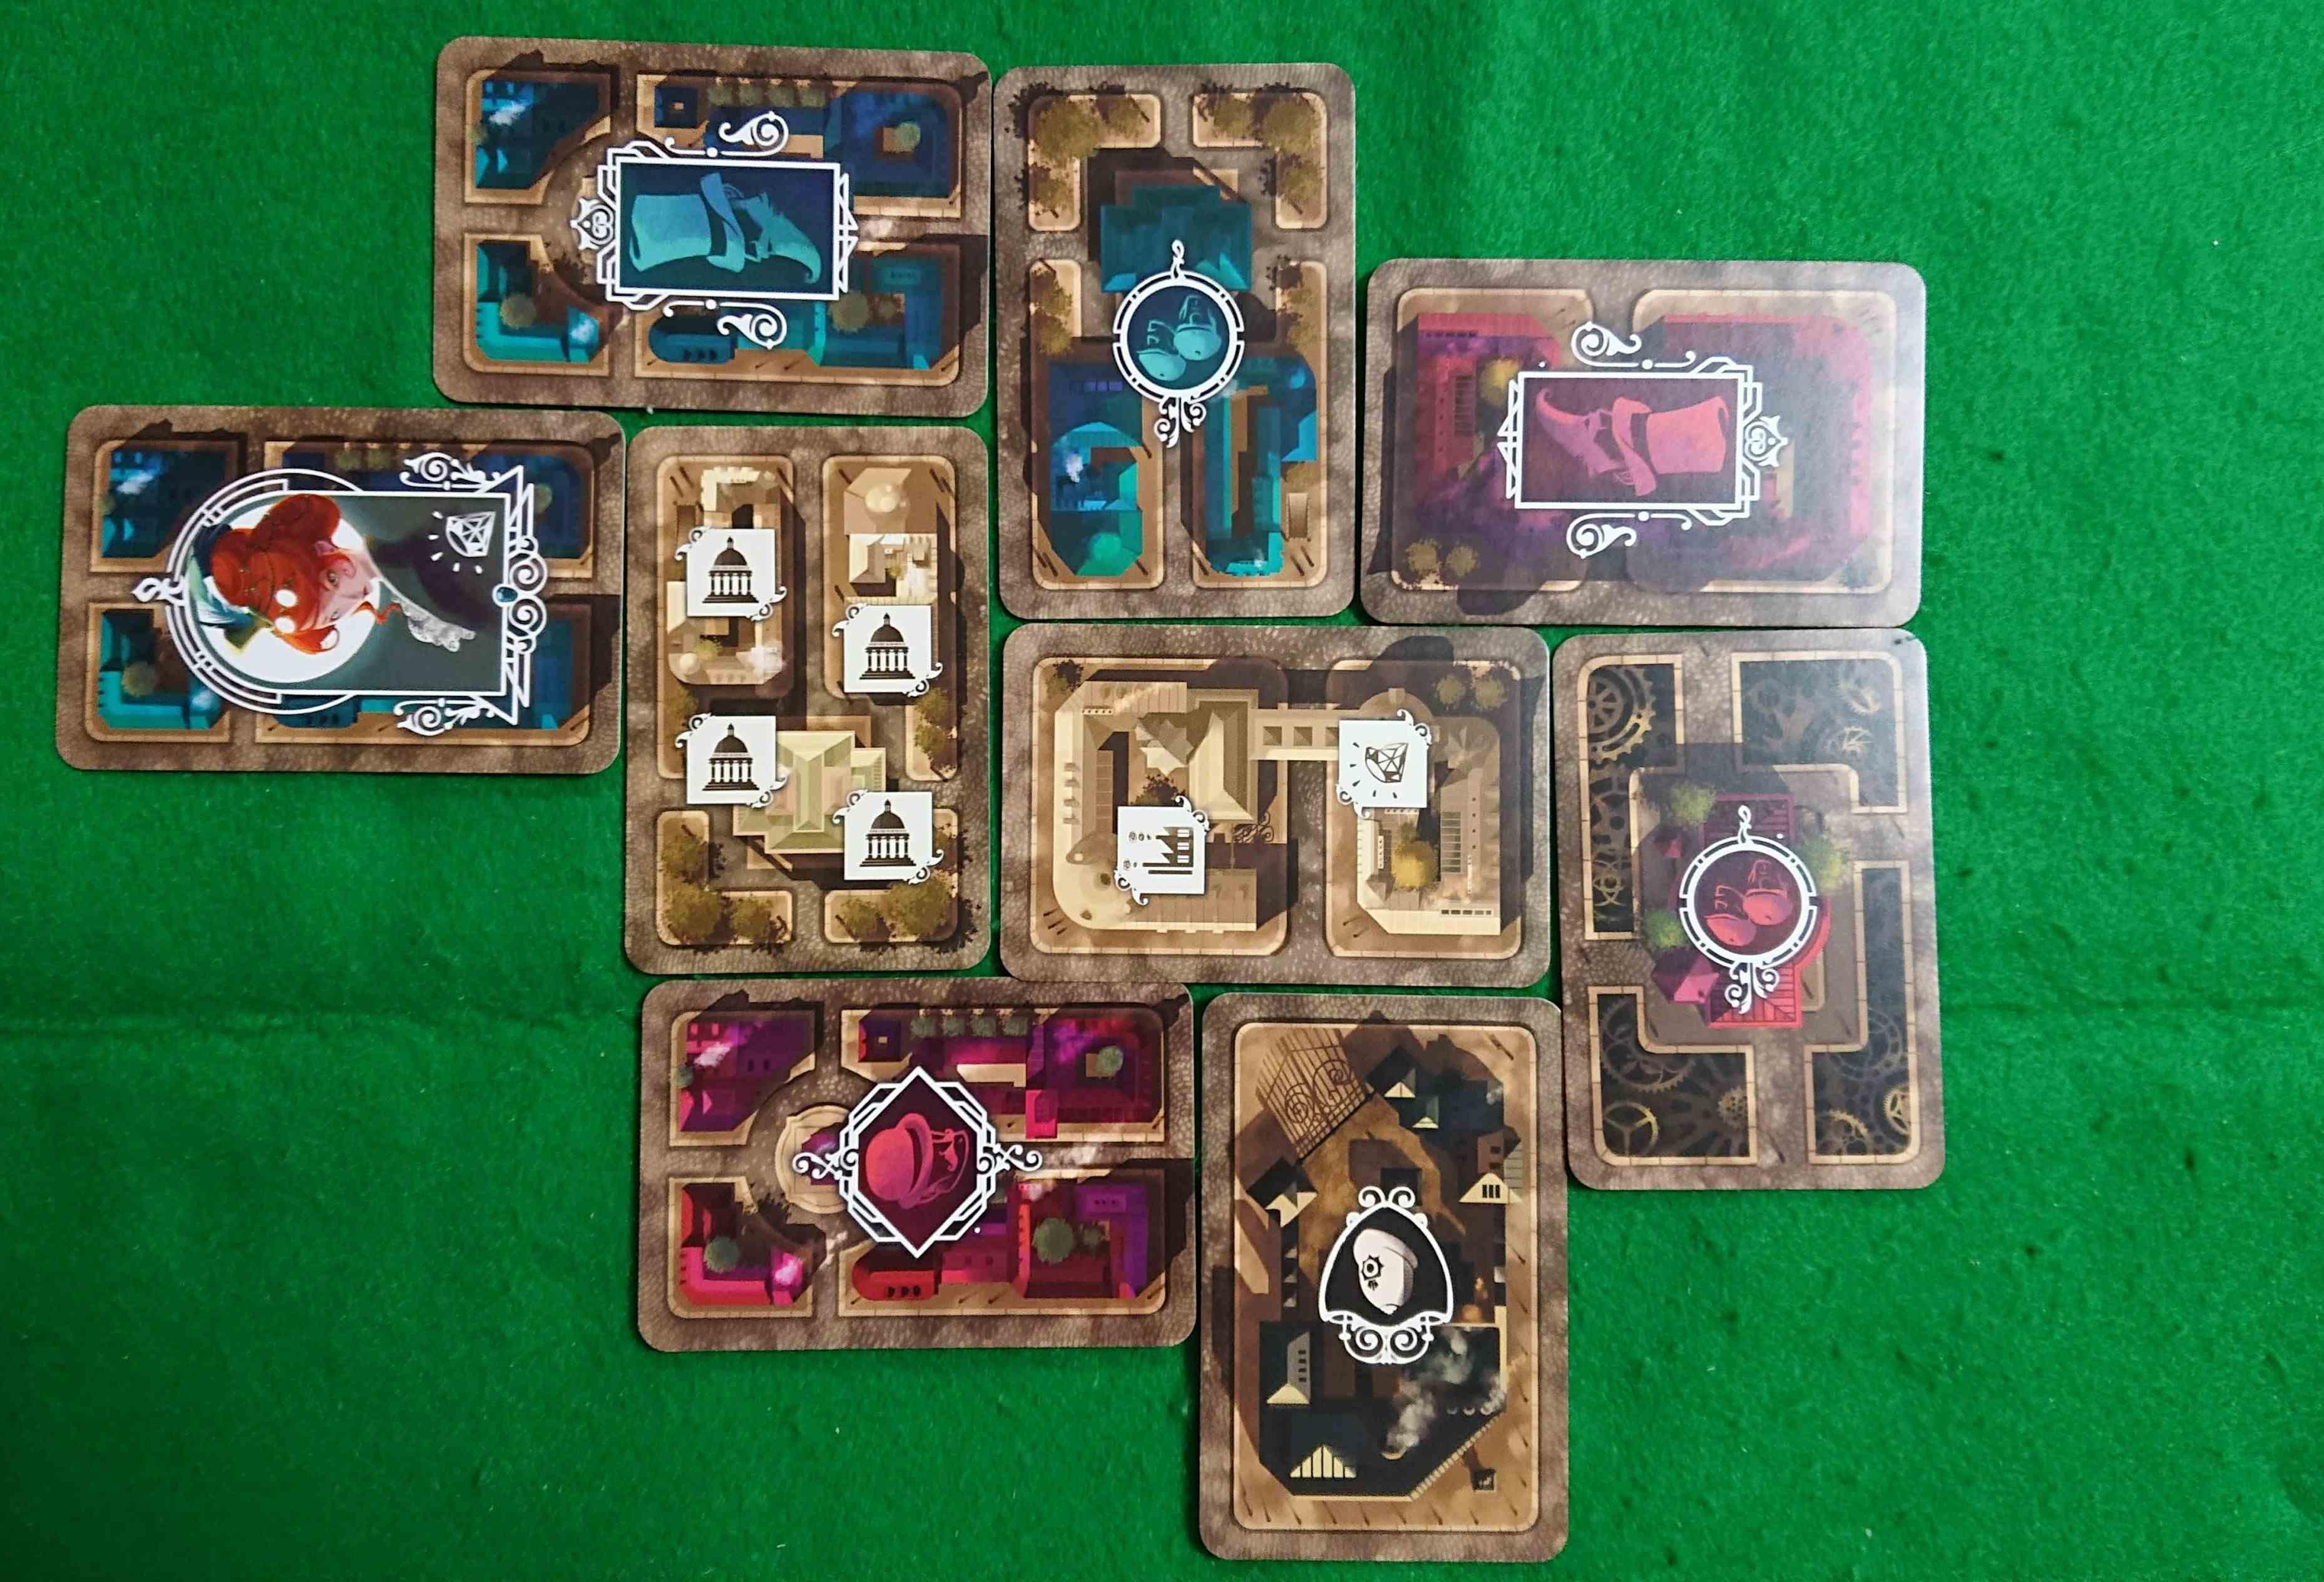 ノックスフォード 手下を使い街を支配せよ! カード配置系カードゲーム ボードゲーム